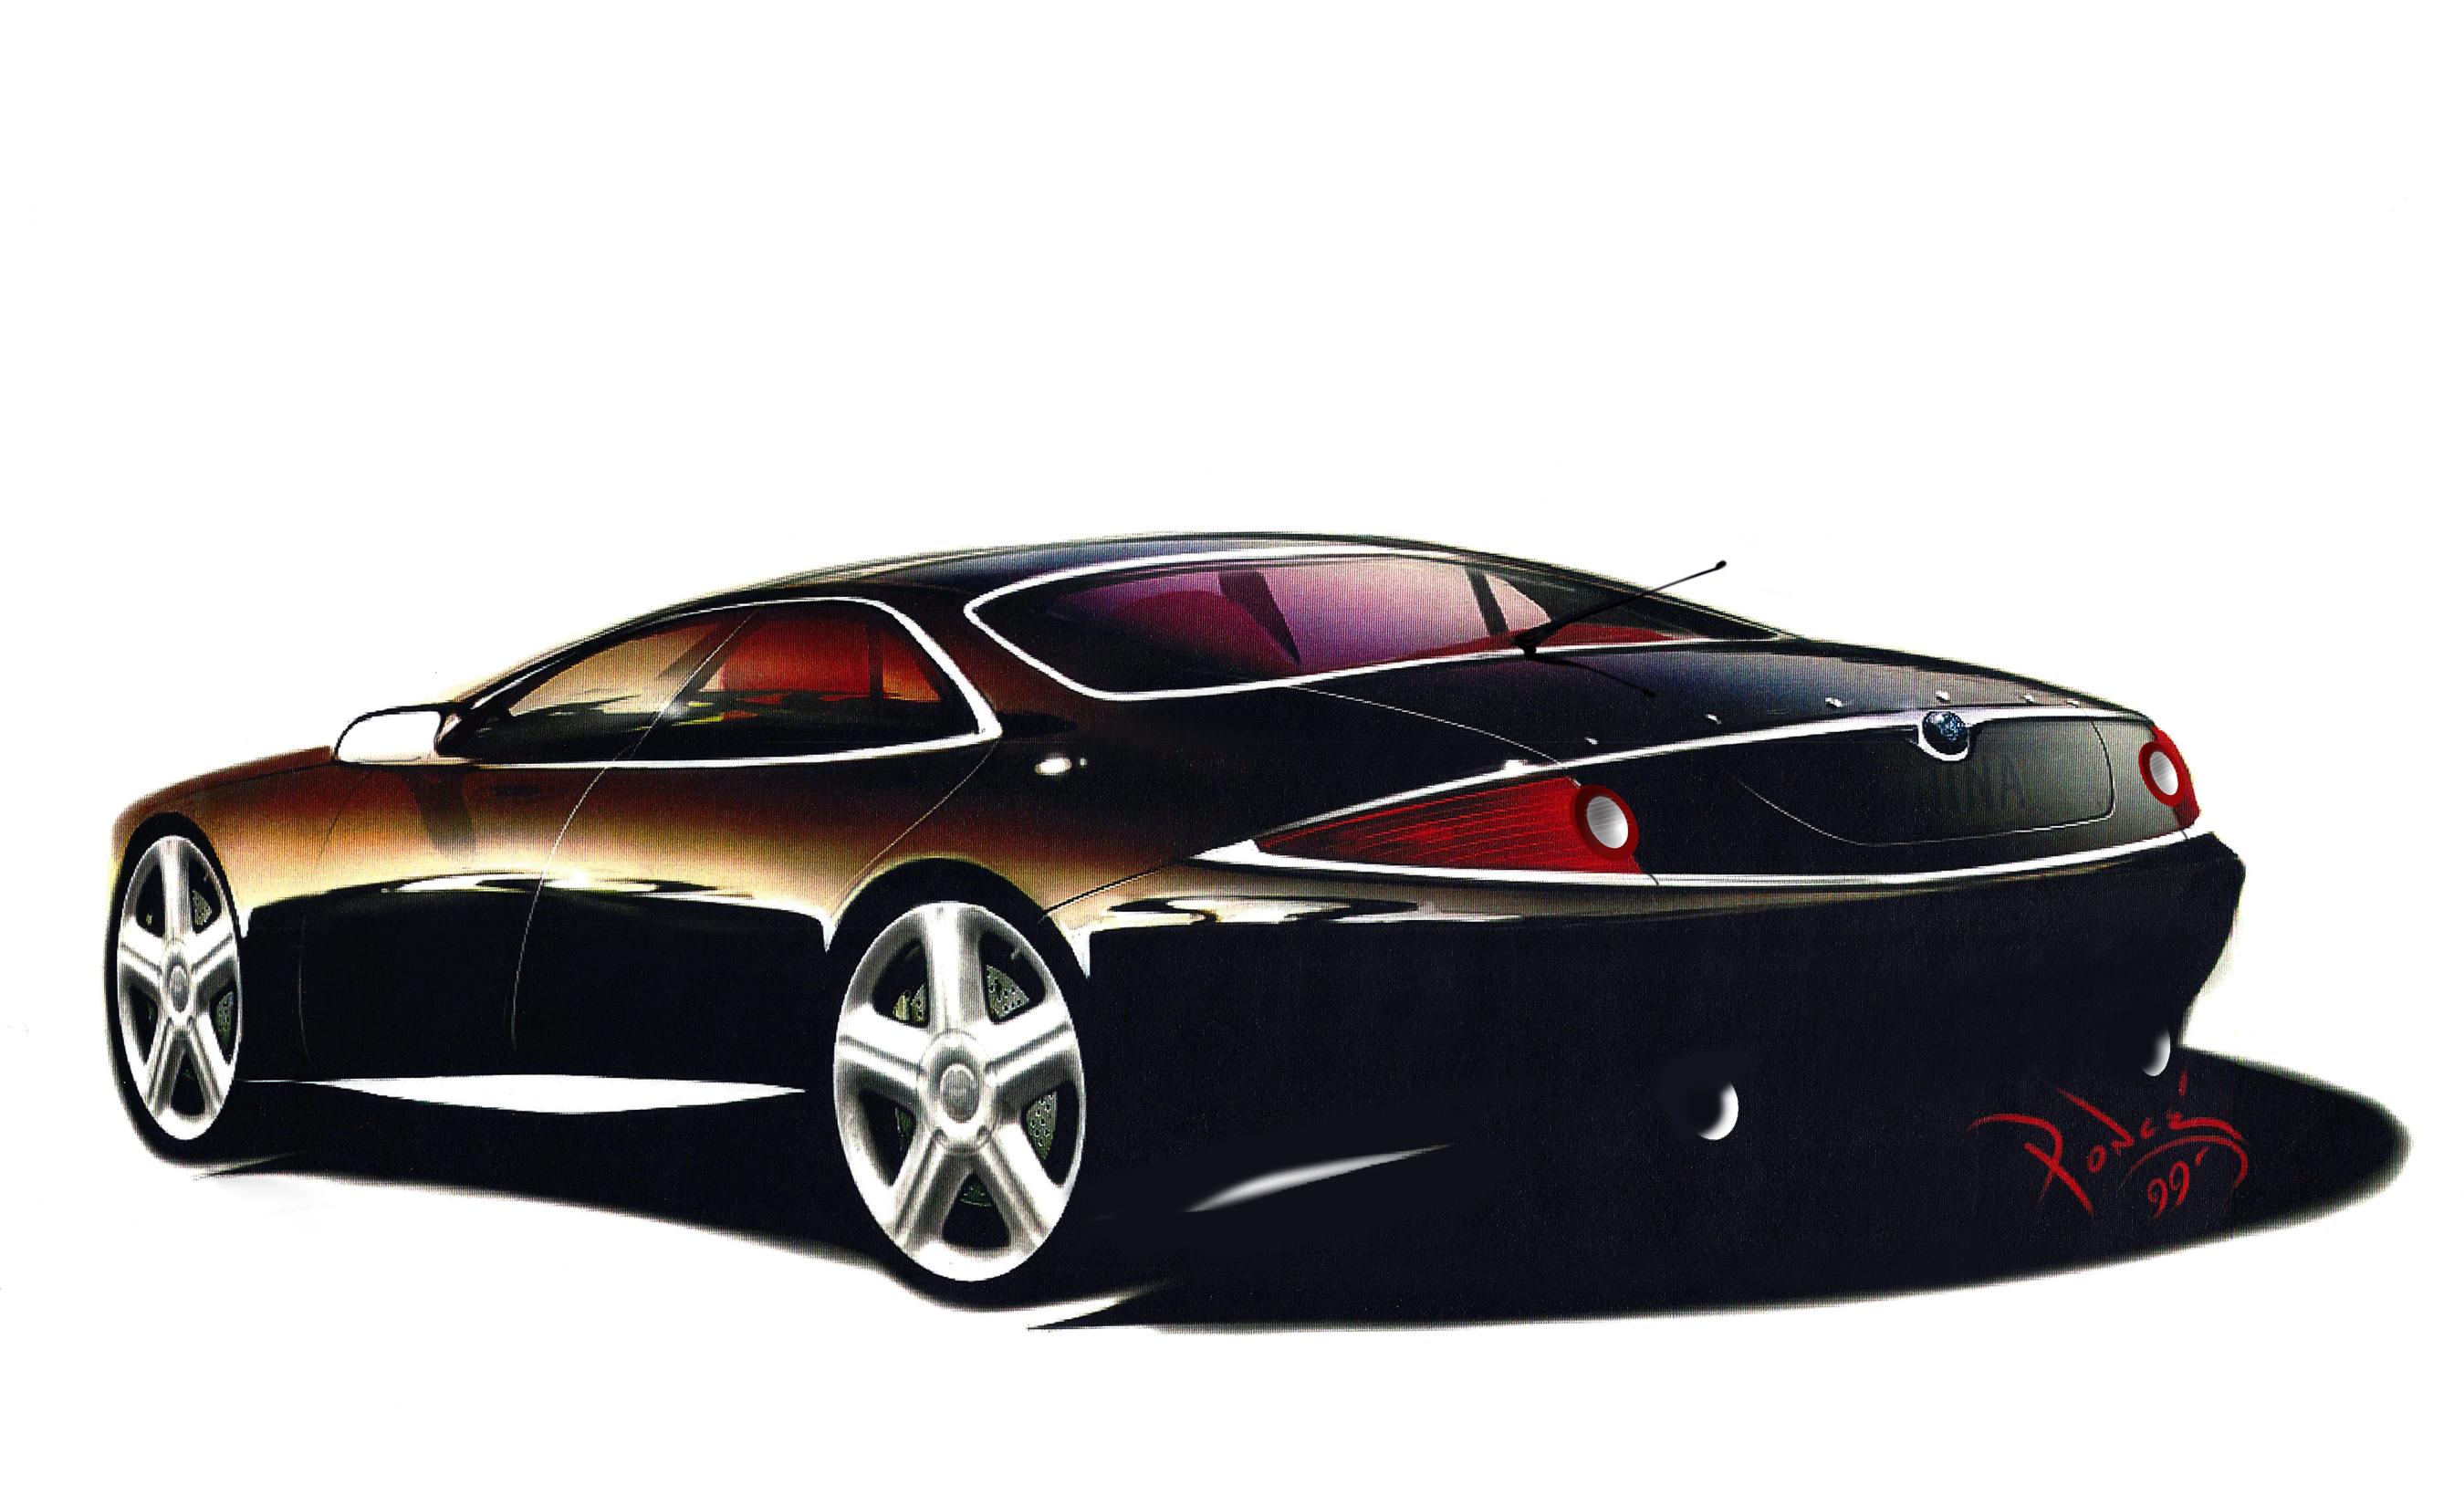 JAG XJ8 concept